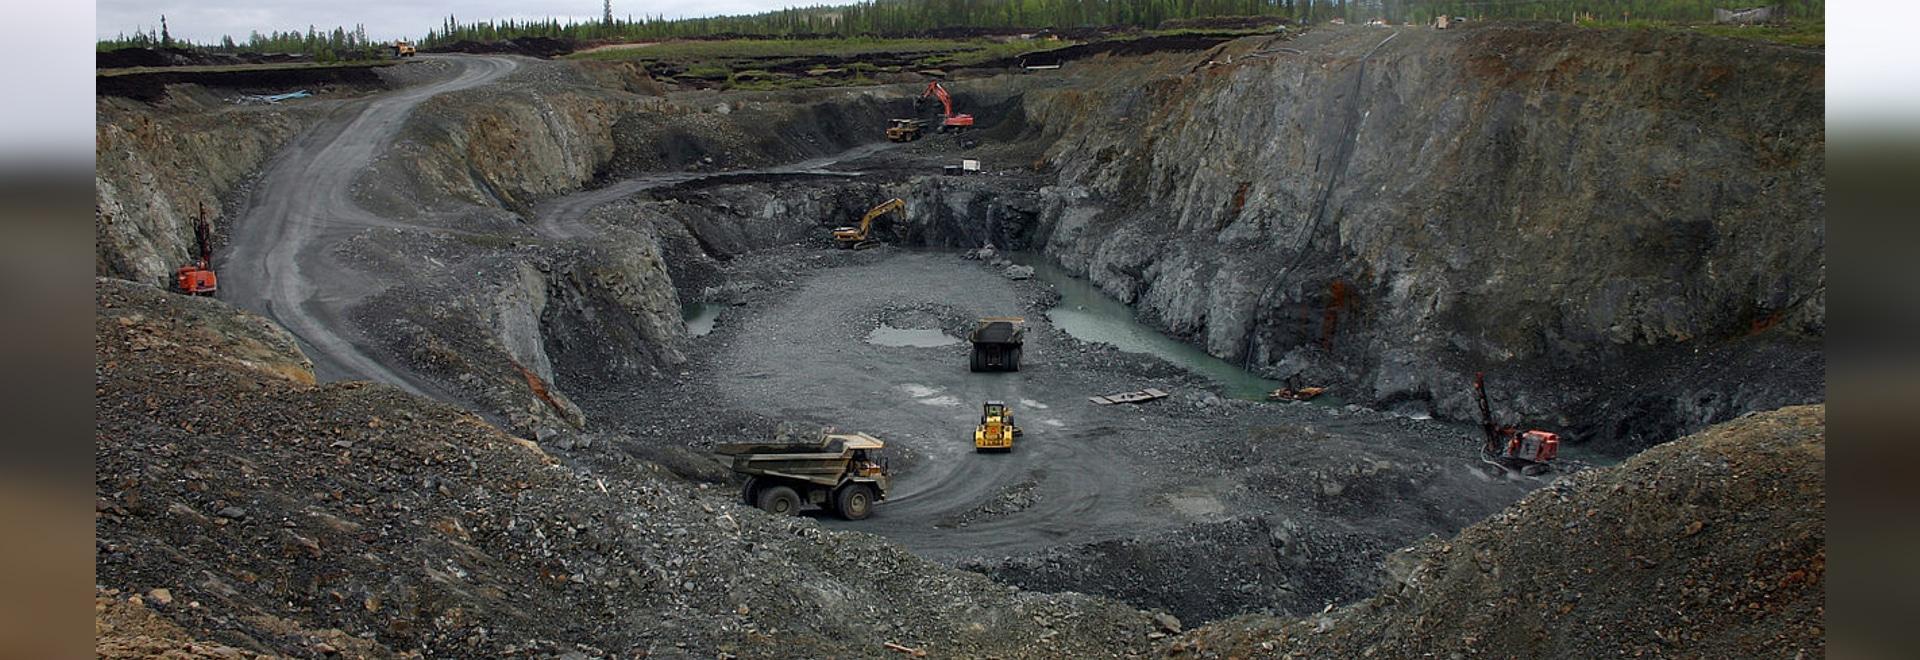 Hochleistungs-VoIP Telefone J&R sind in Kittila-Goldmine, Finnland installiert worden